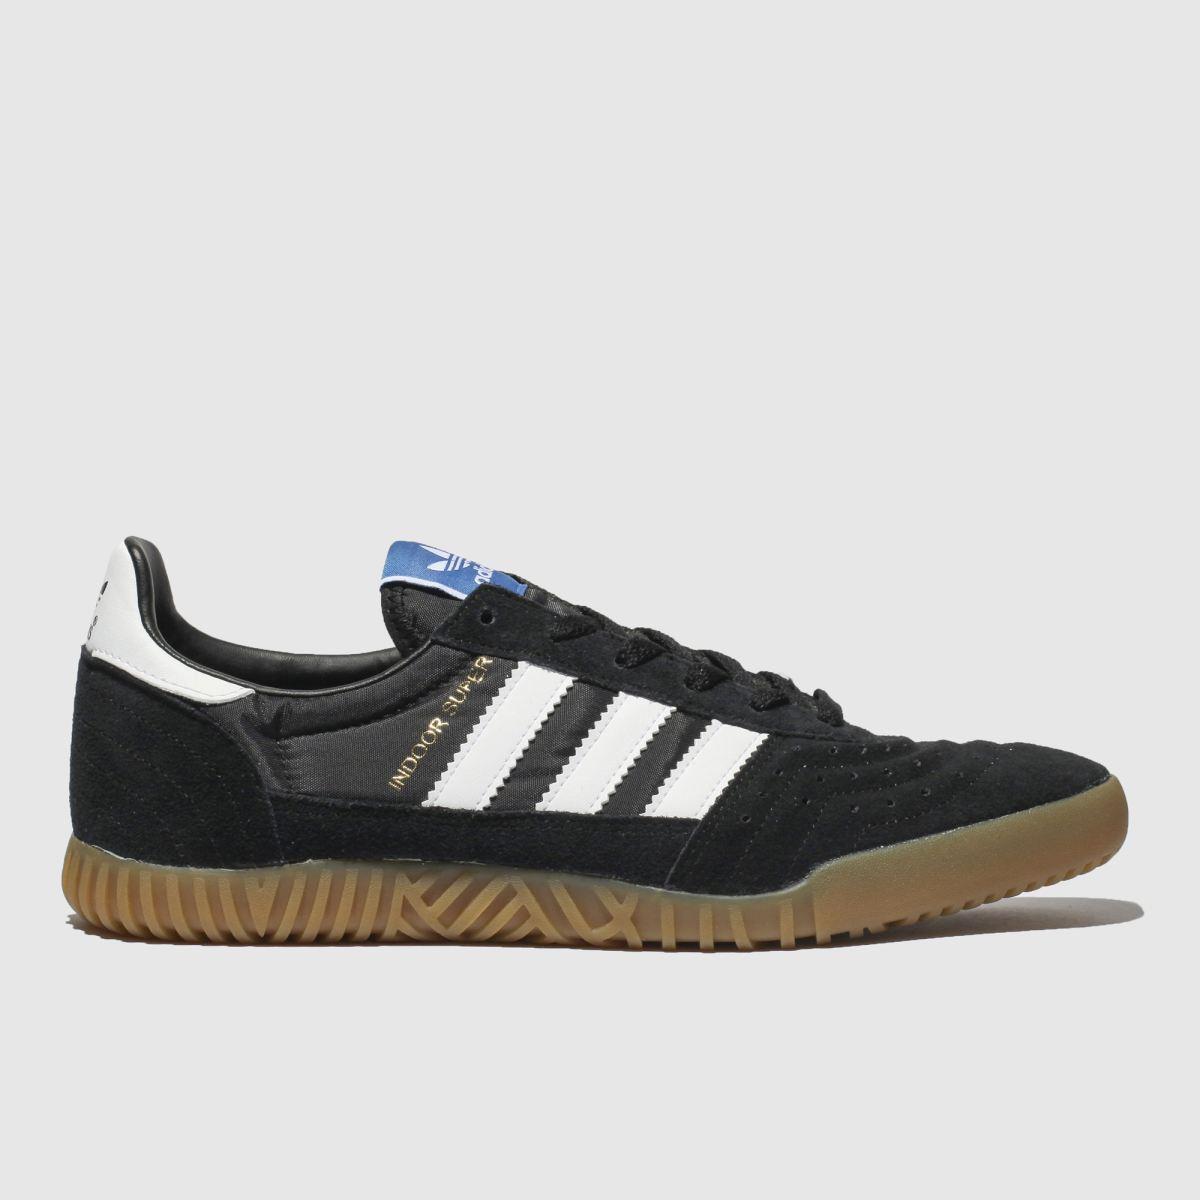 Adidas Black & White Indoor Super Trainers